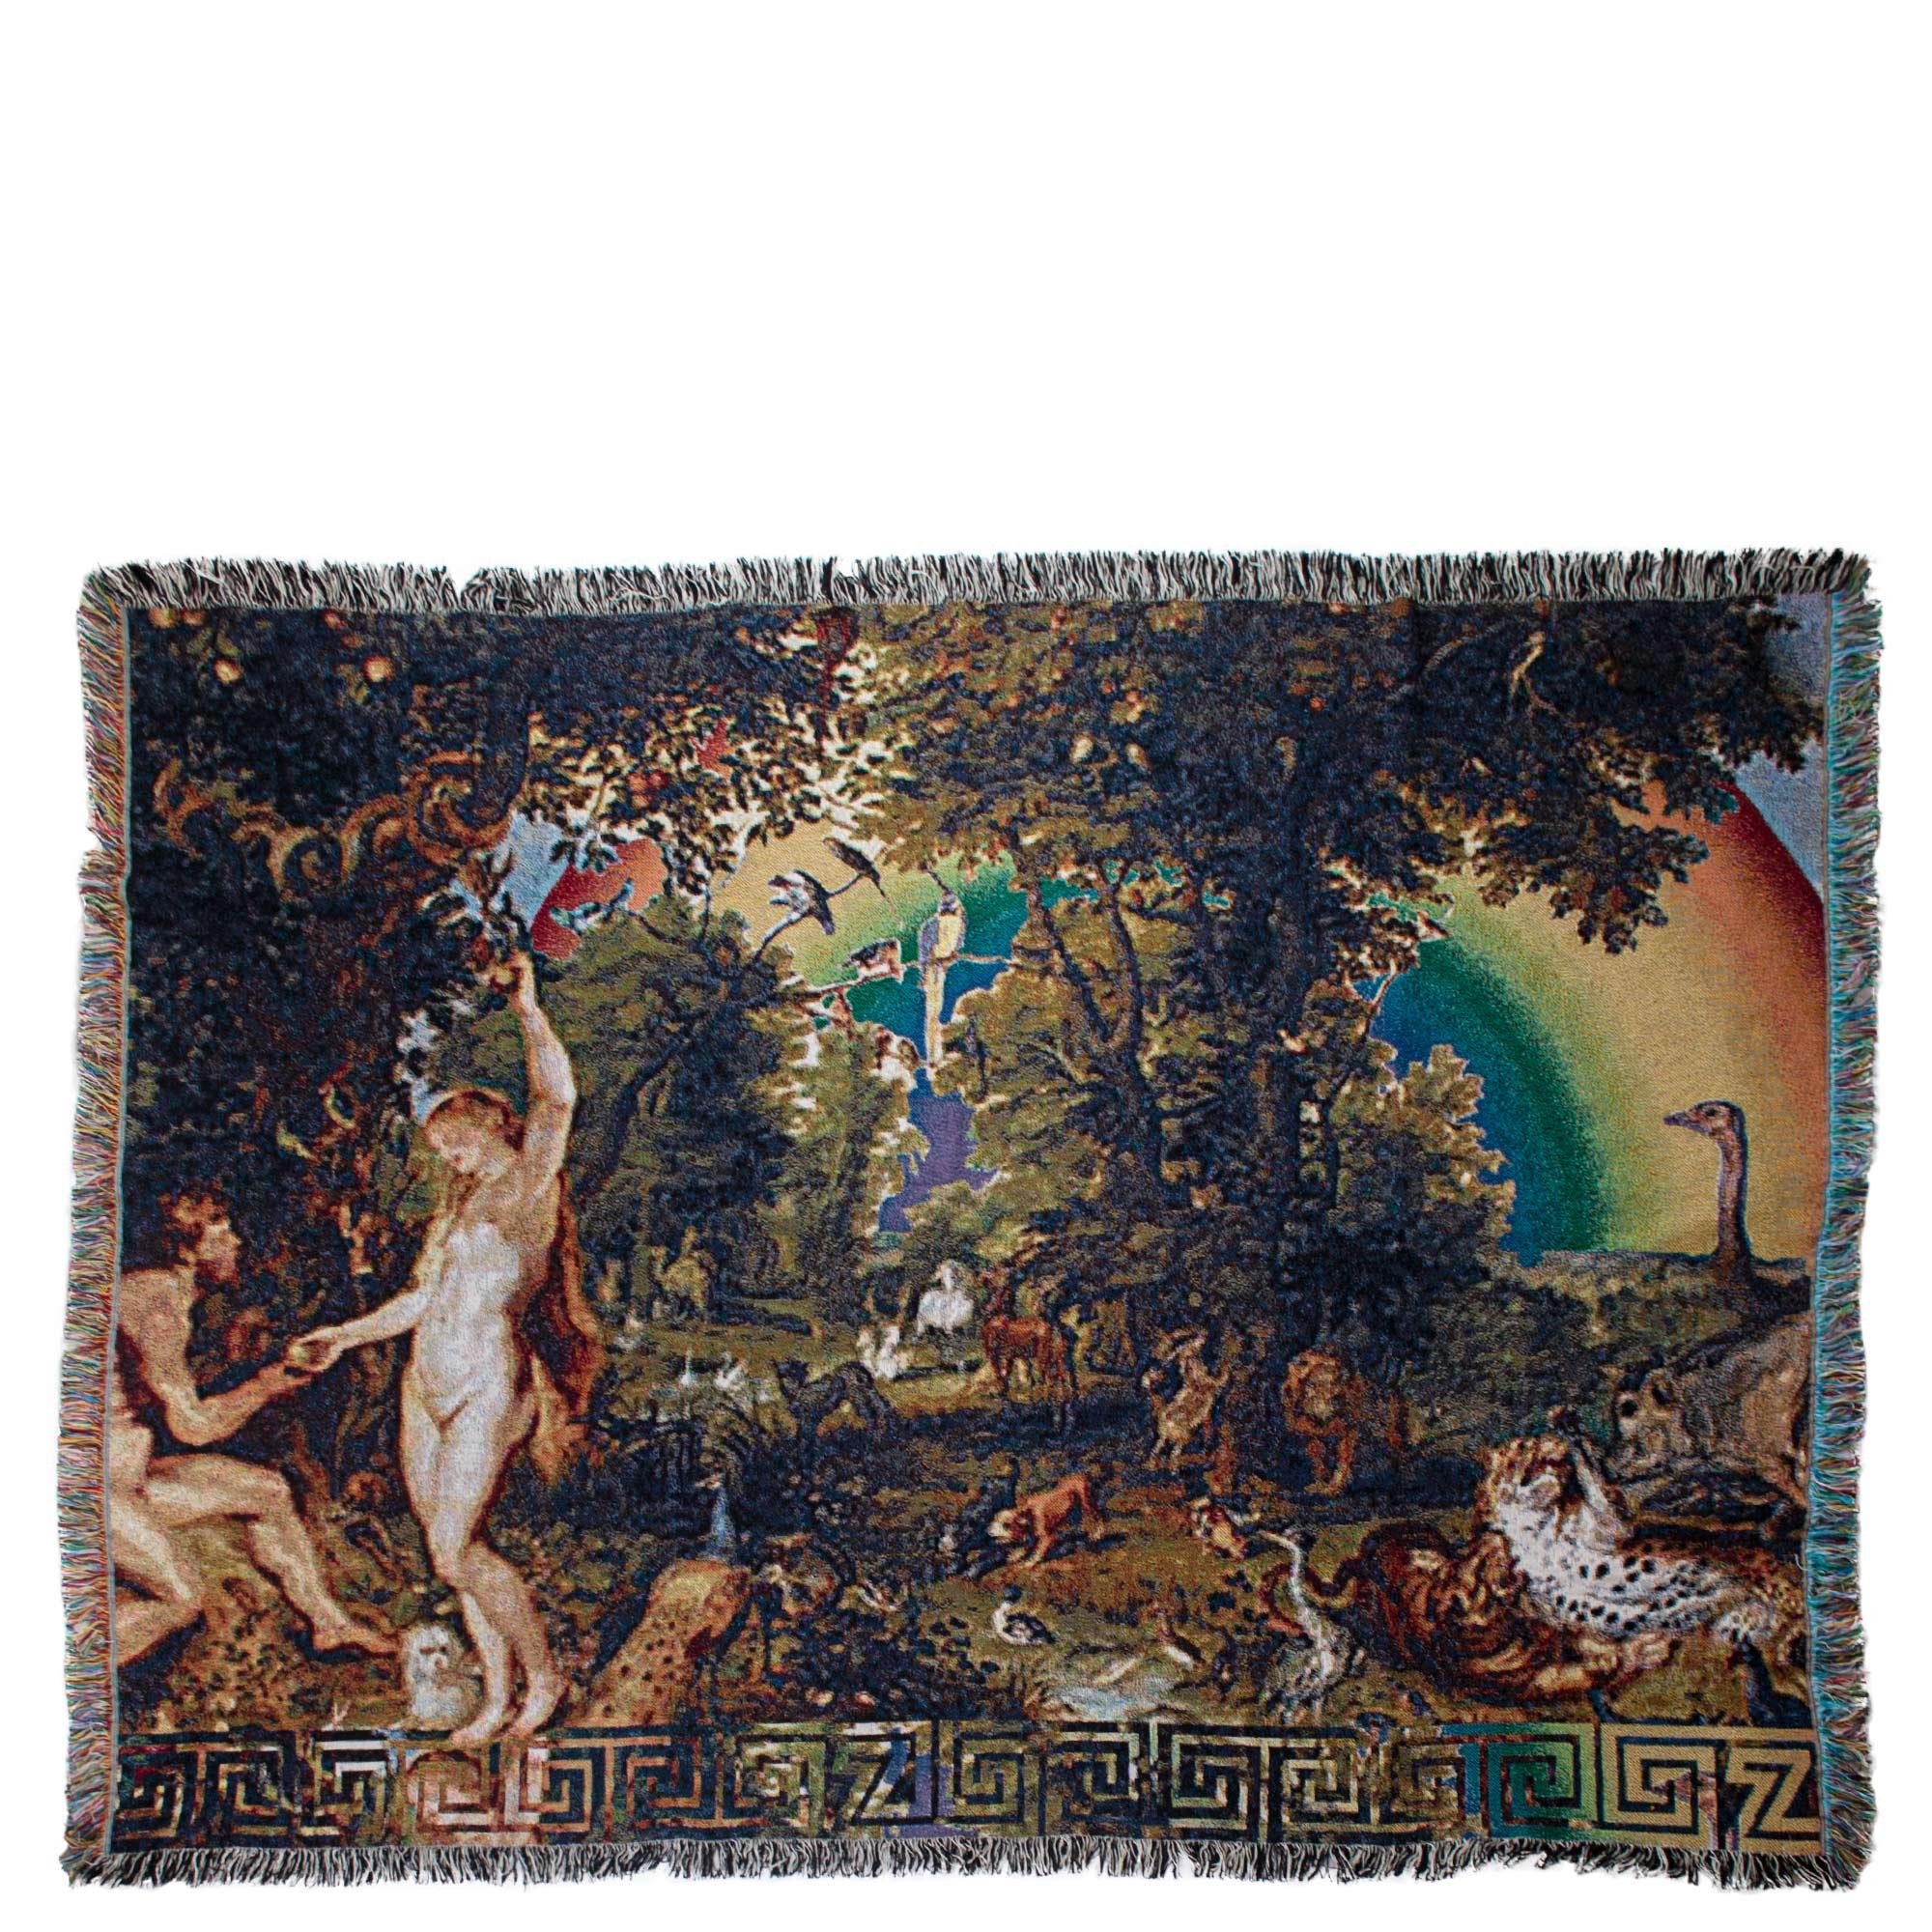 Zoeppritz Baumwolldecke in Multicolor-Webtechnik 331 Absurd Paradise, bunt, Material Baumwolle in Groesse 140x180